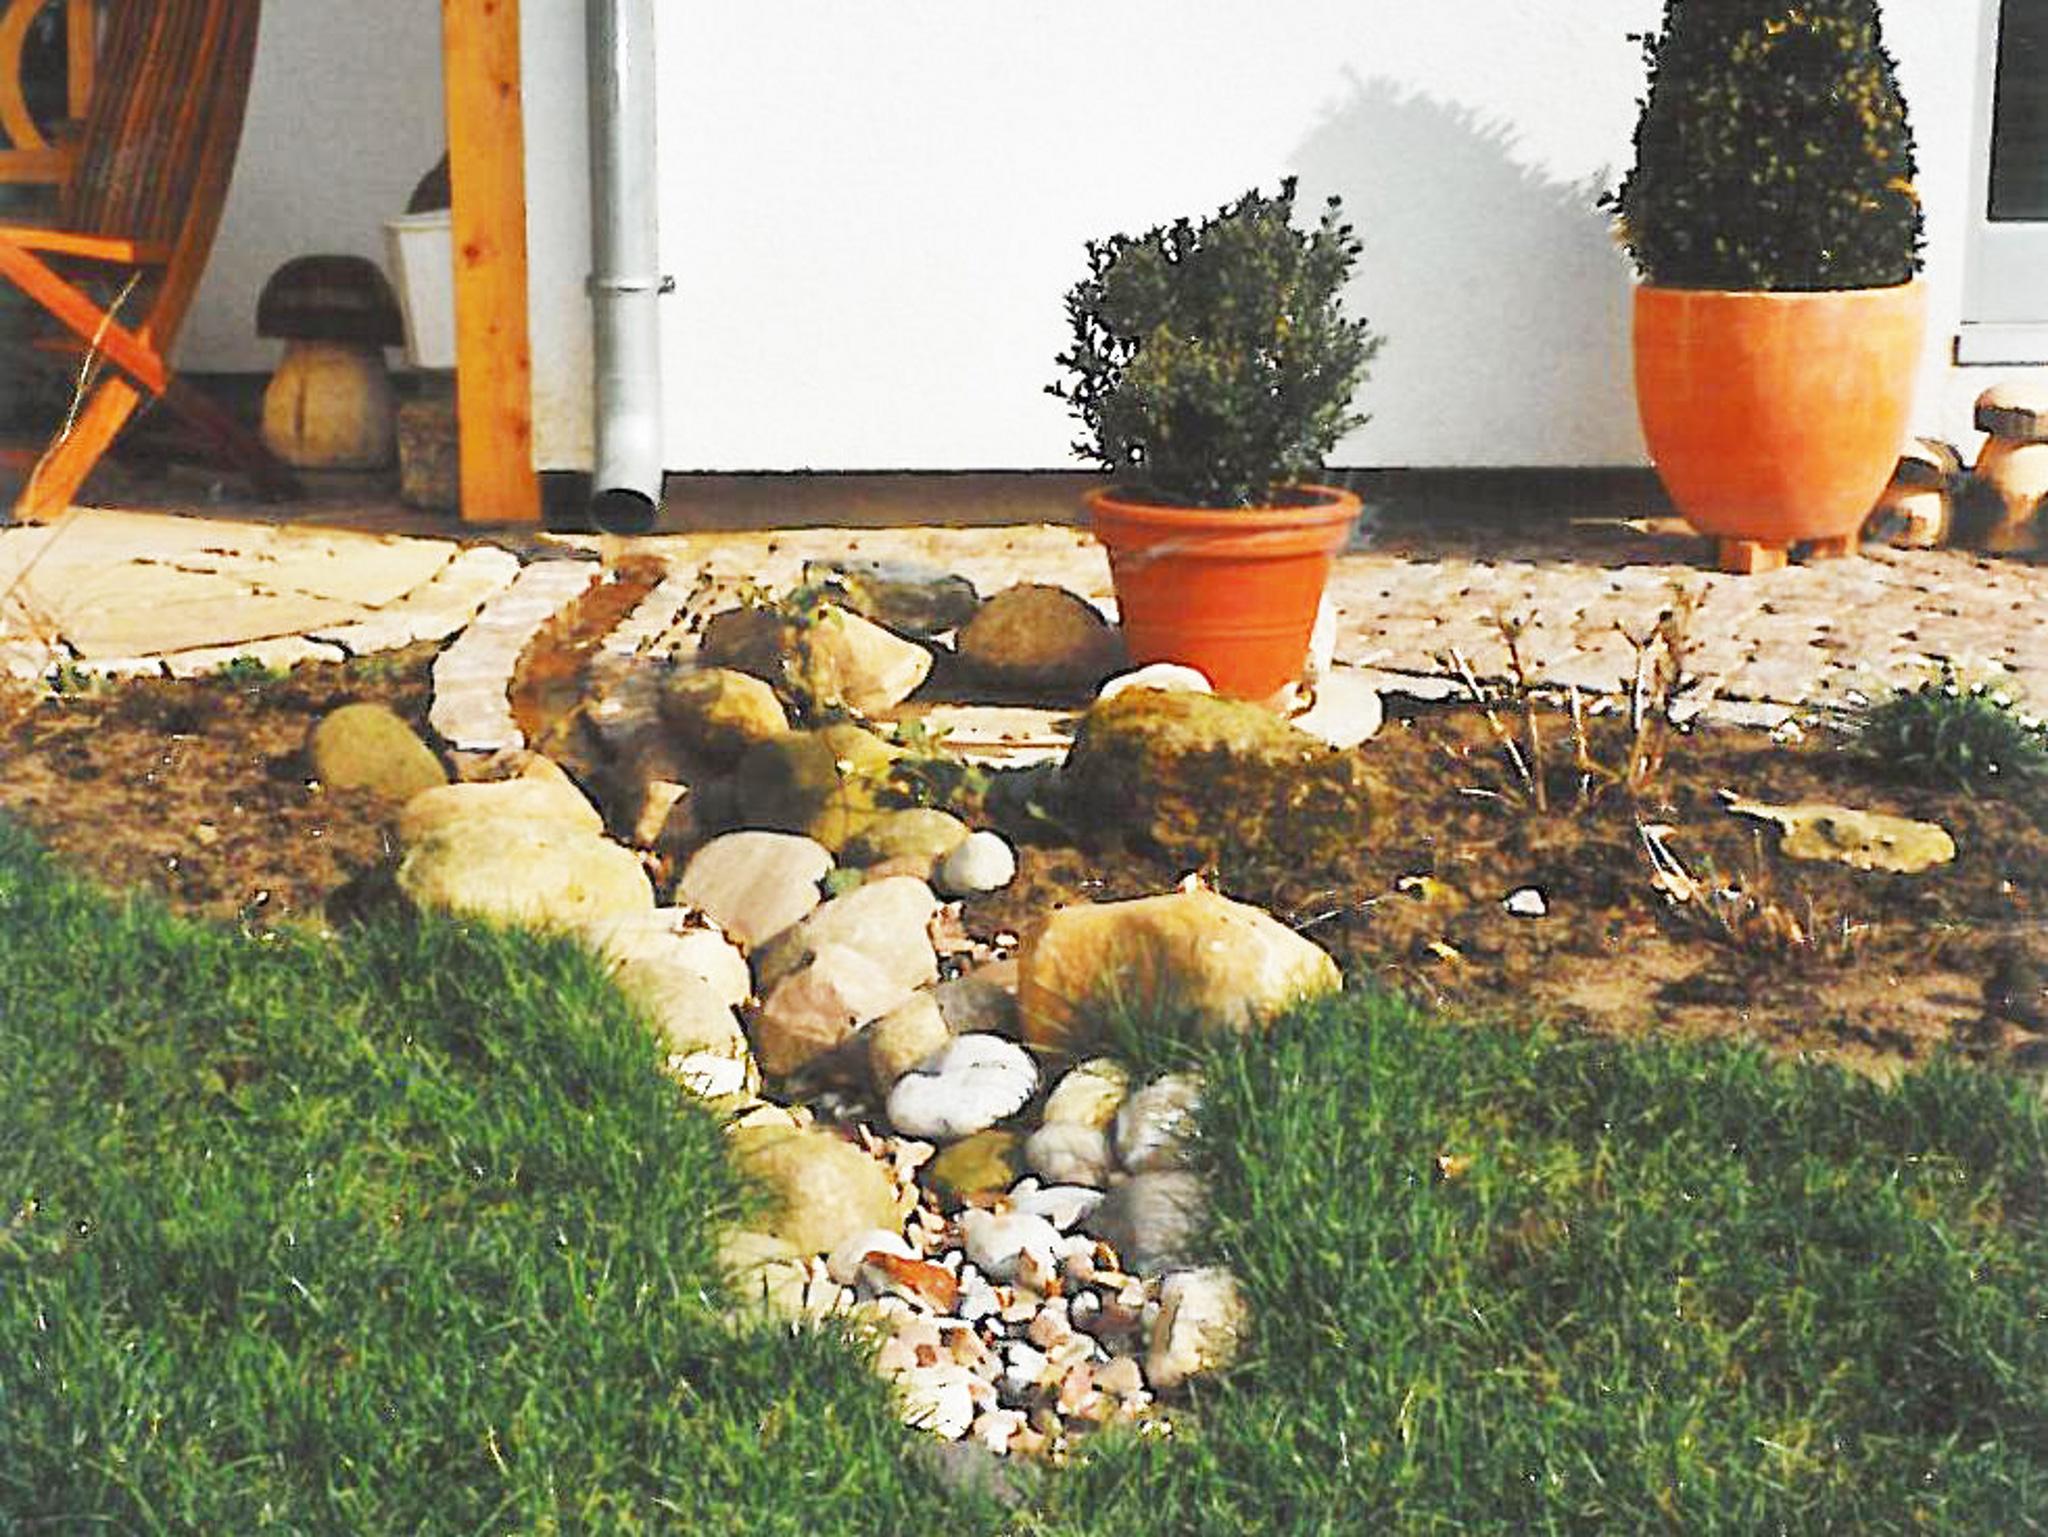 Natürliche Regenwasserversickerung auf einem Grundstück